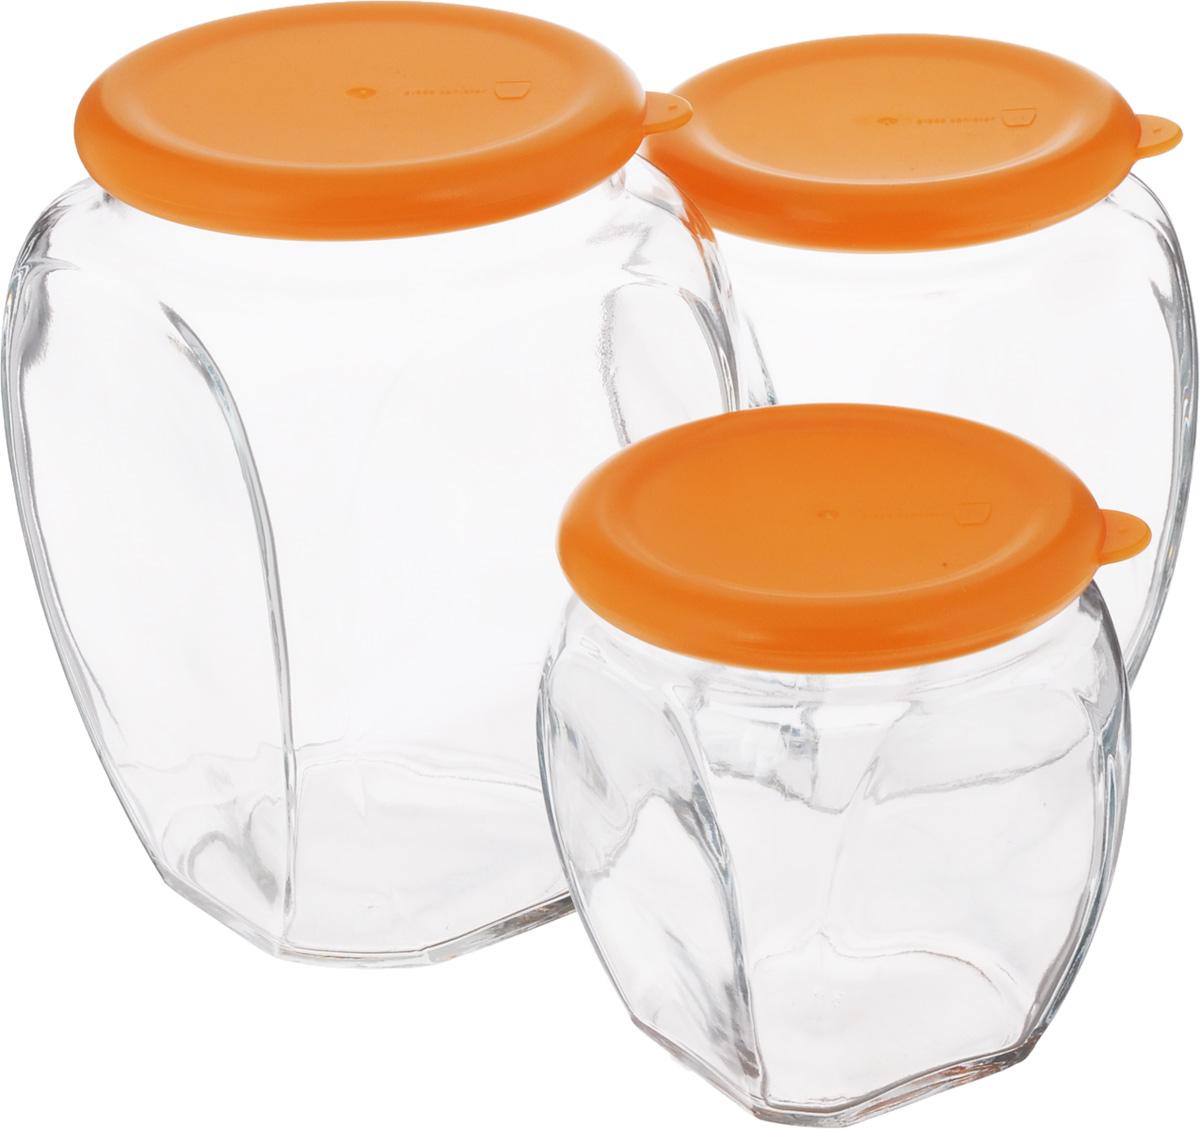 Набор контейнеров для сыпучих продуктов Glasslock, 3 шт. IG-674 декоративные контейнеры 3 шт h35 30 и 25 см